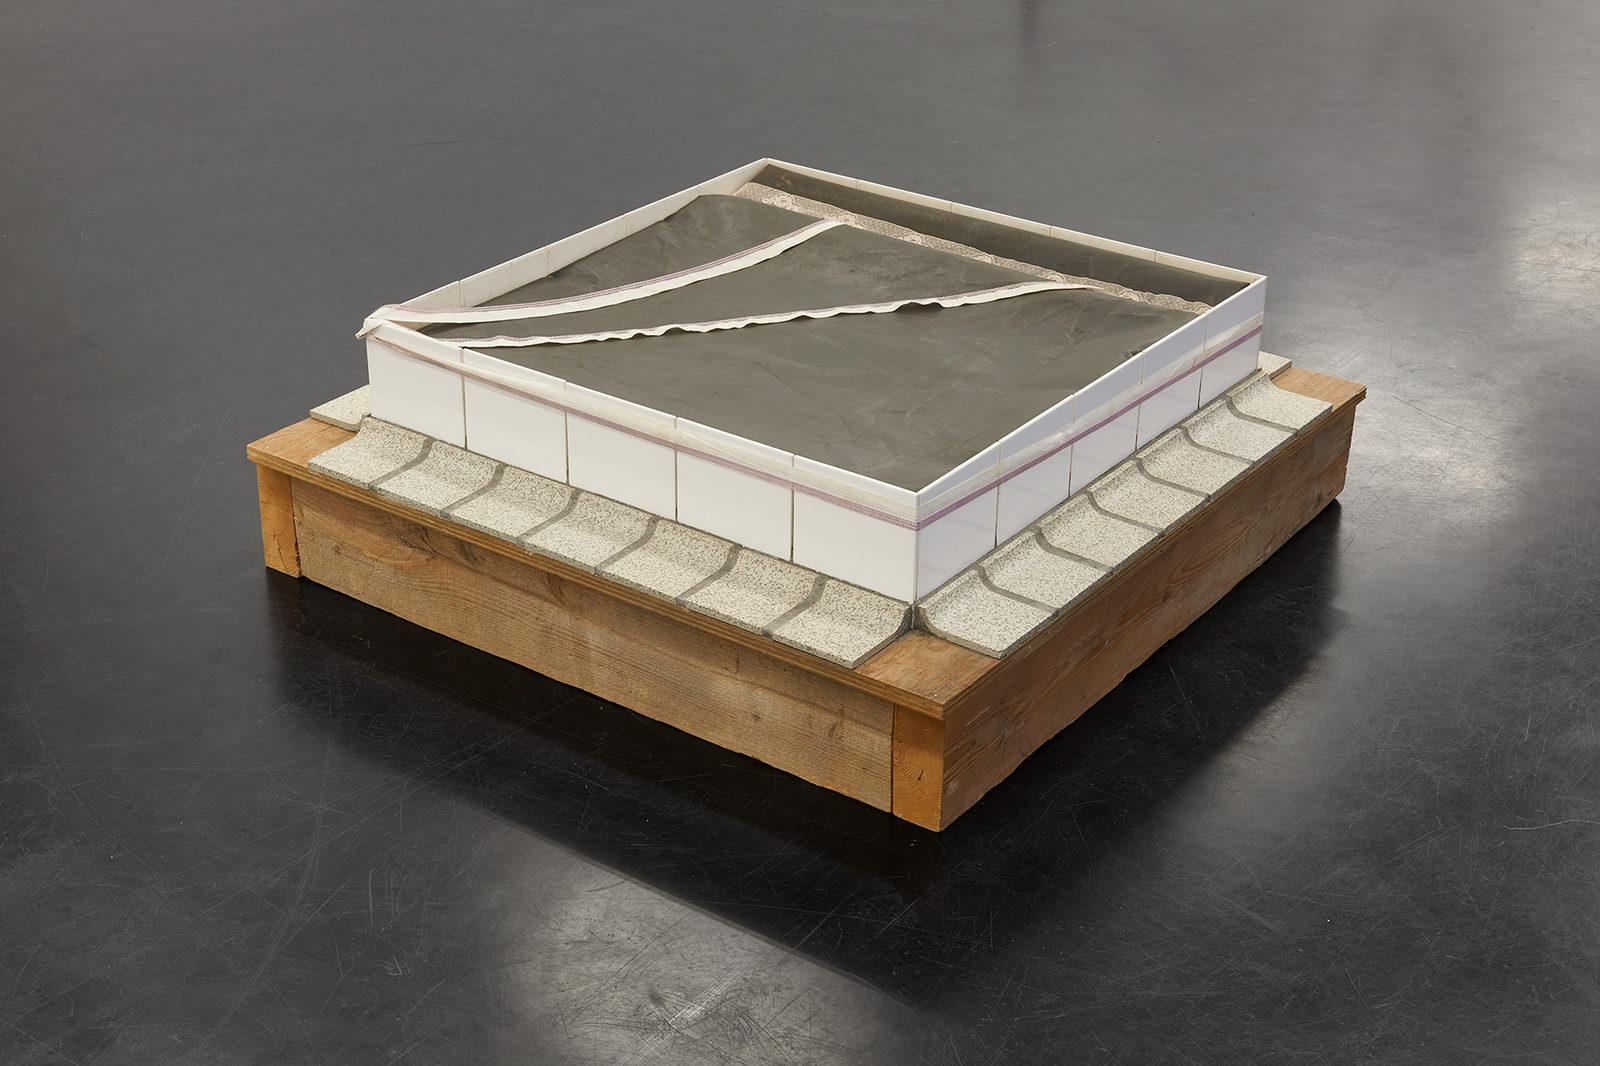 Ger van Elk_Piece Made in One Hour_1968_Markus Luettgen Gallery_View_1